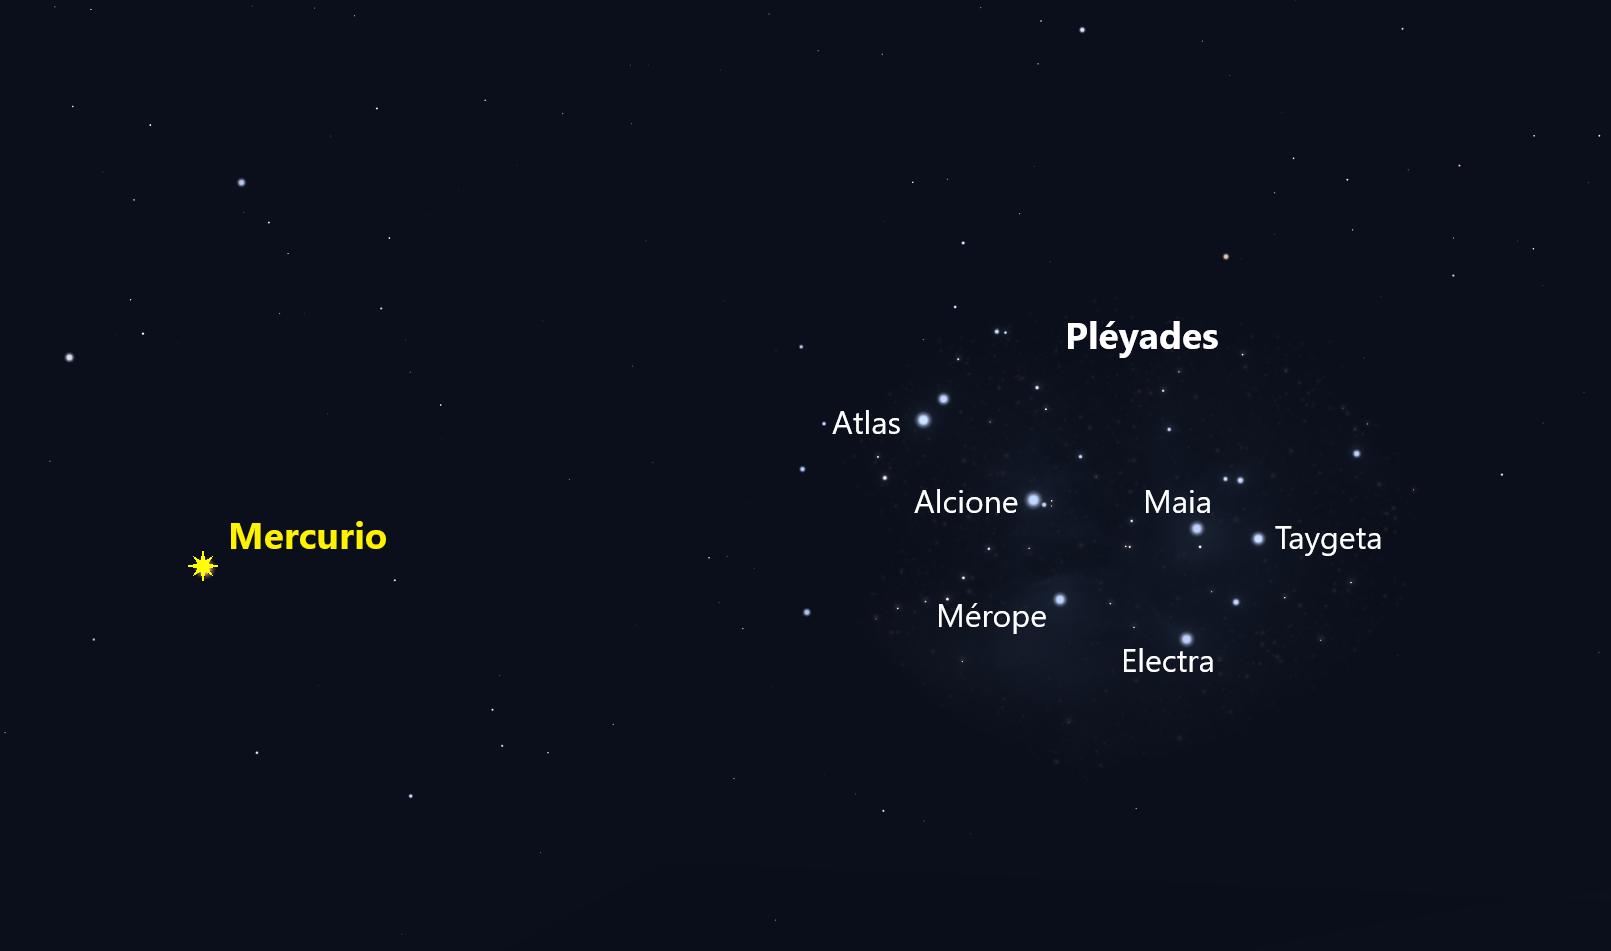 Mercurio con las Pléyades en el crepúsculo del 4 de mayo